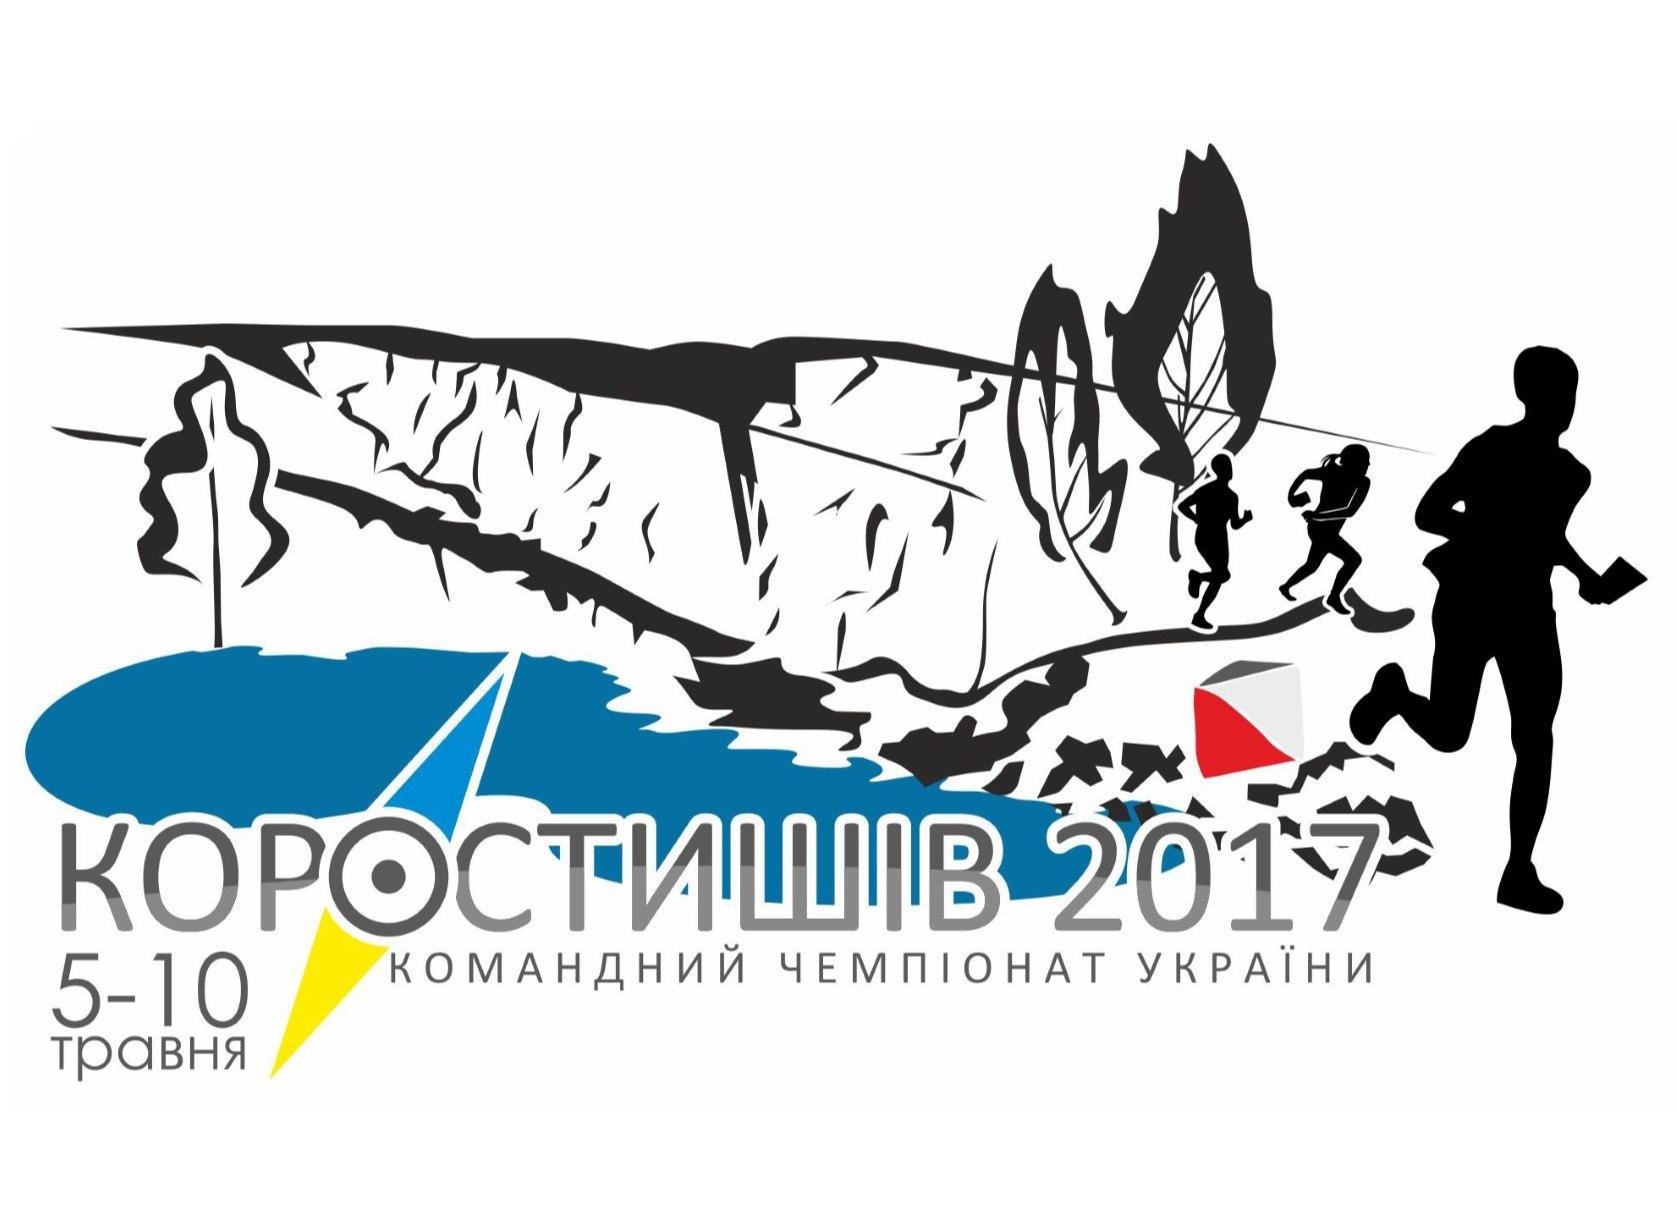 Командний Чемпіонат України 2017 - місто Коростишів